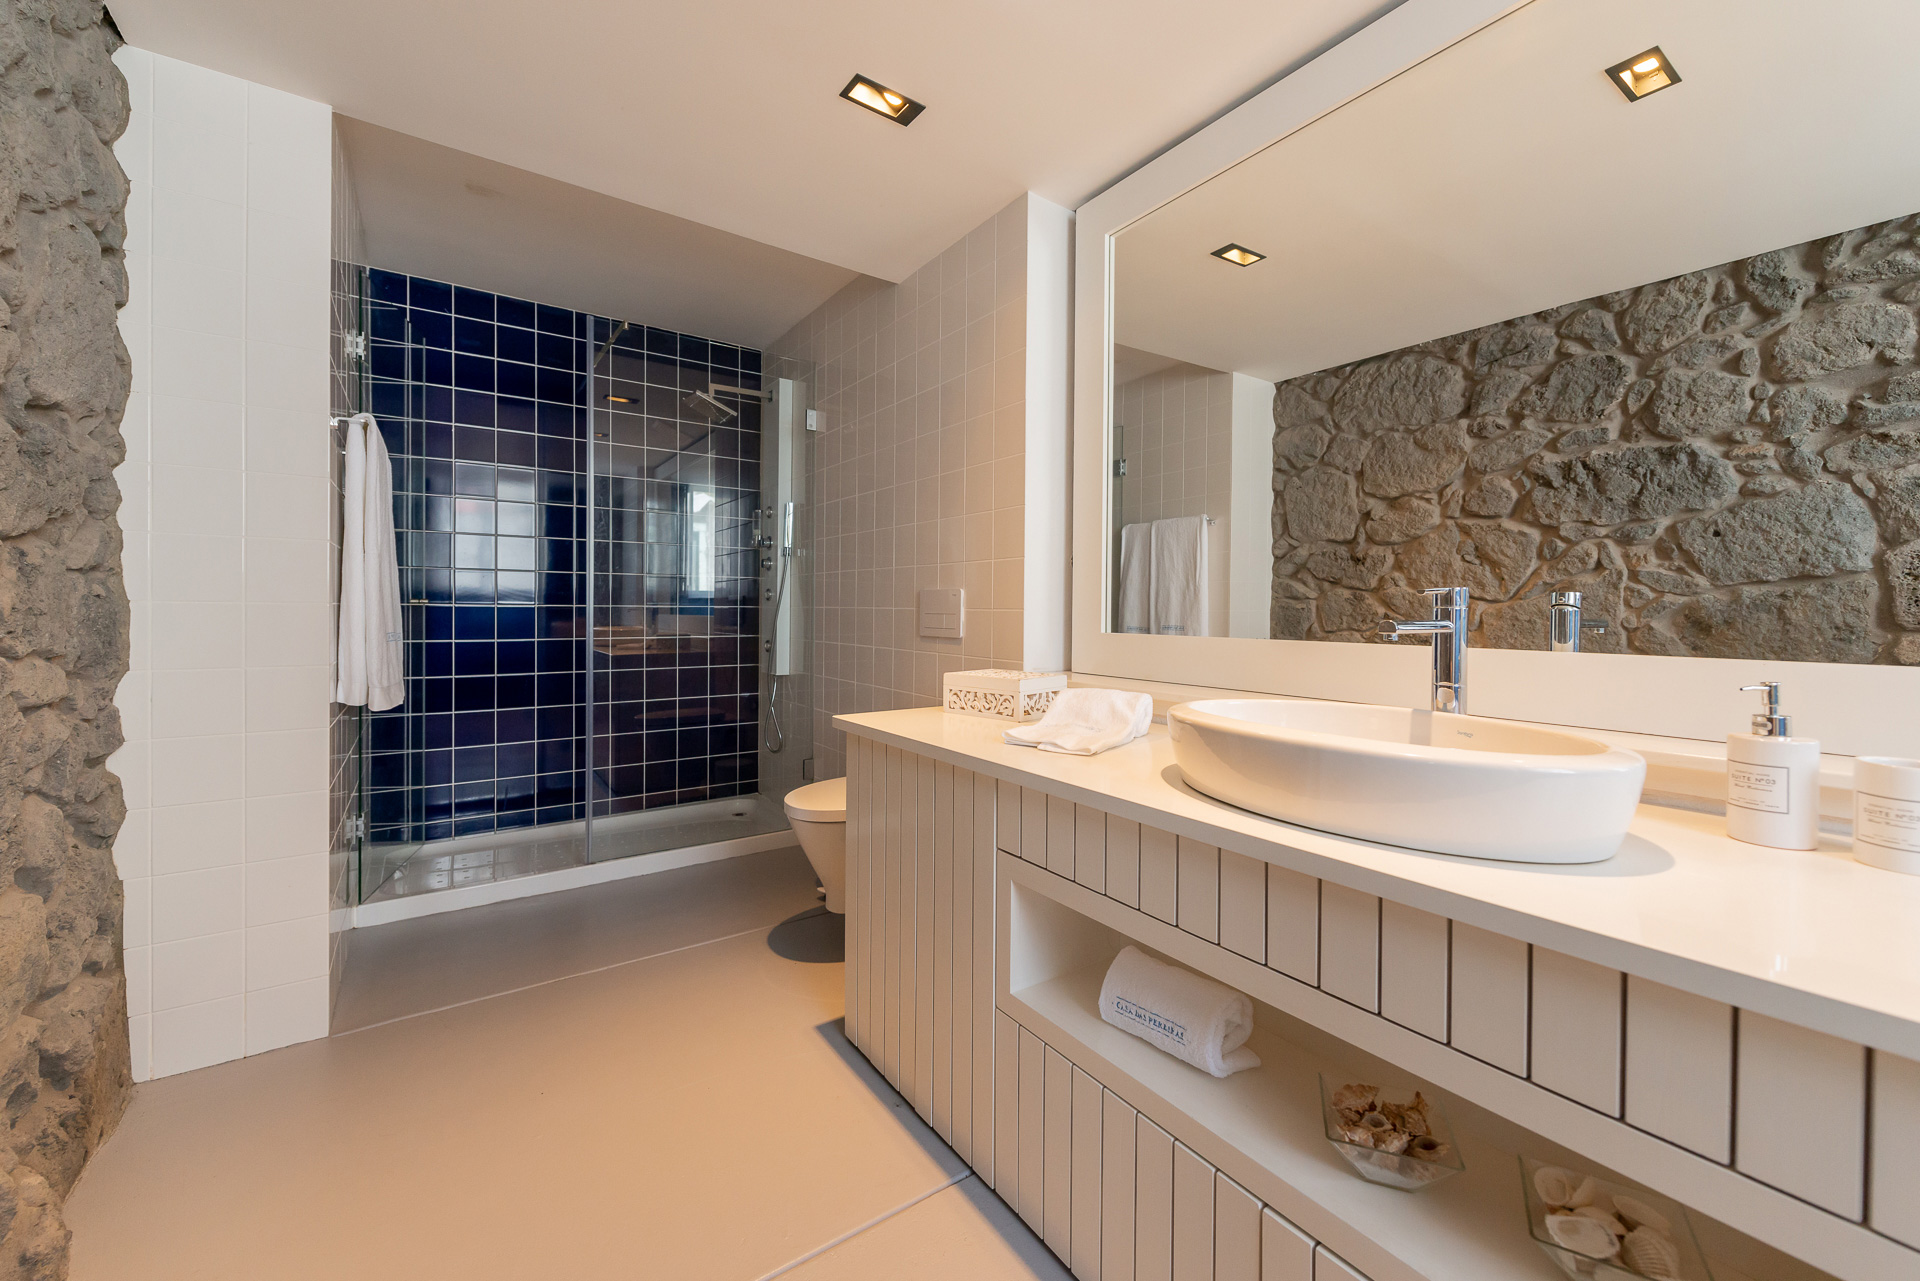 WC - Suite - Rés do chão - T1